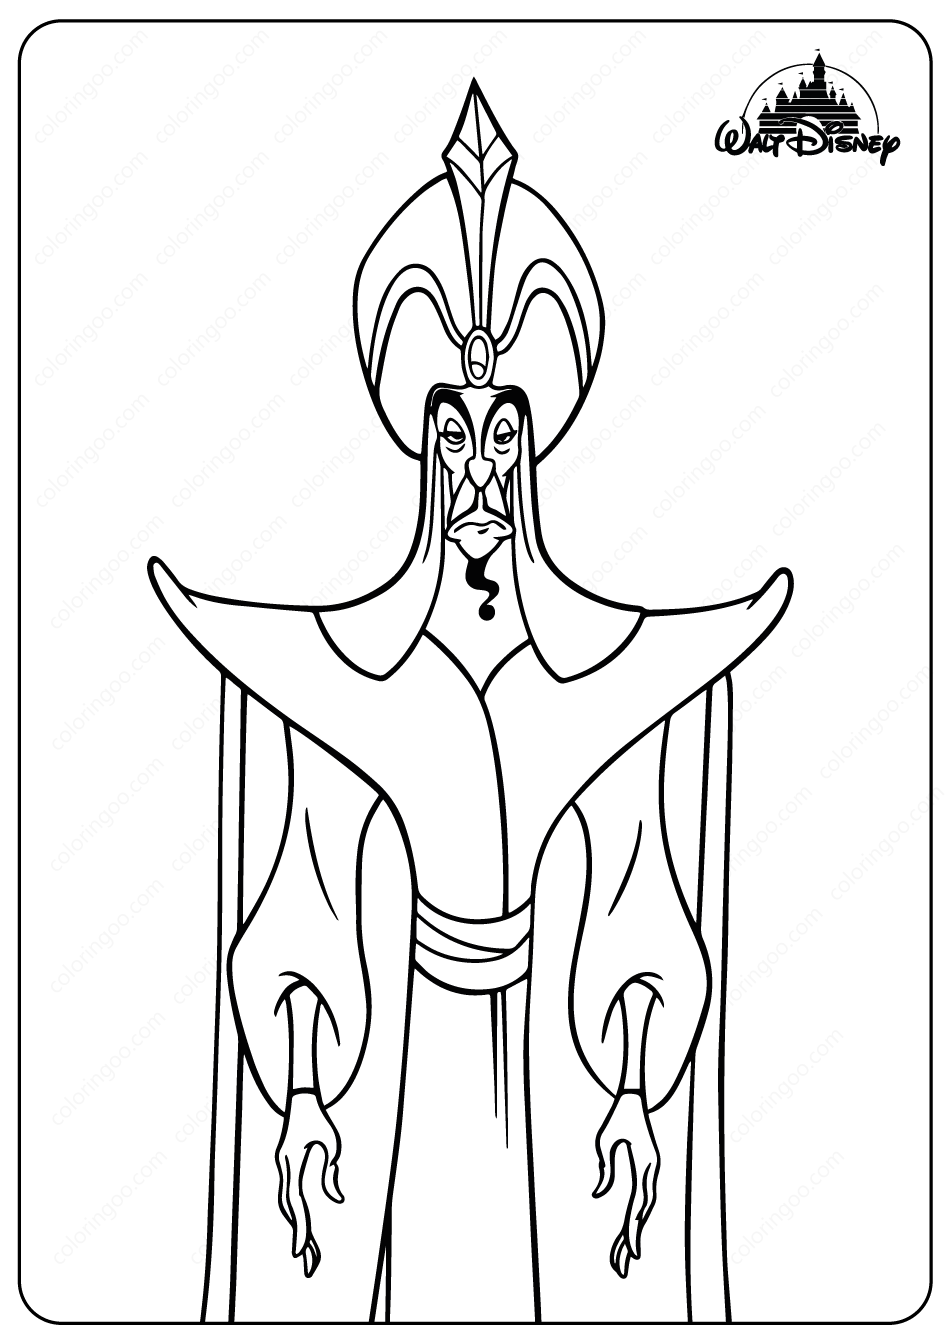 The Evil Sorcerer Jafar Coloring Pages Disney Coloring Pages Disney Villains Coloring Pages Disney Villains Art